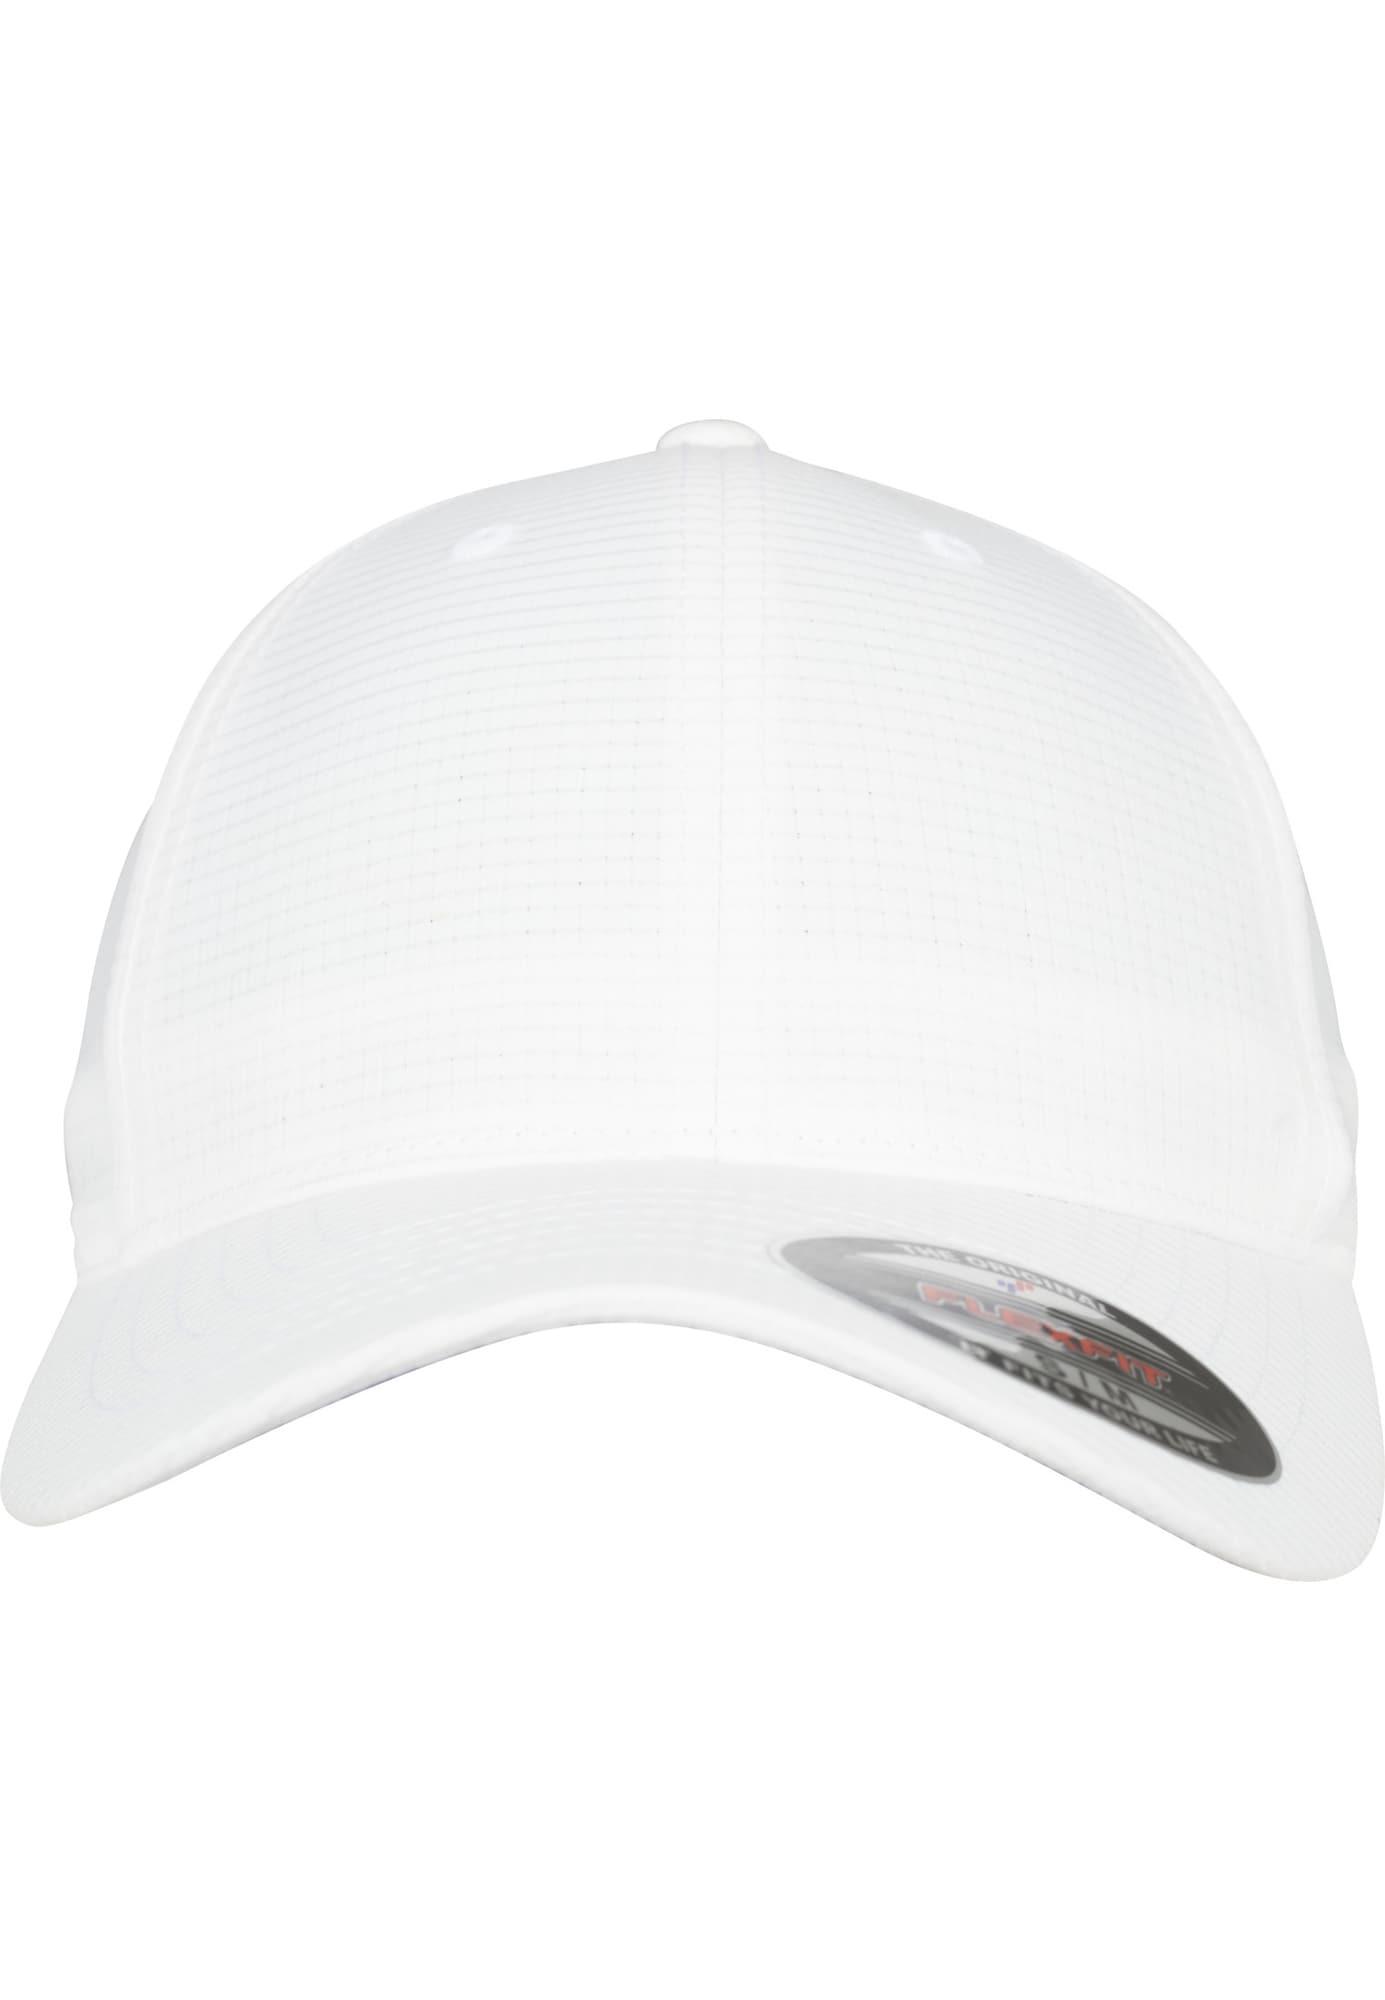 Hydro-Grid Stretch Cap | Accessoires > Caps | Flexfit